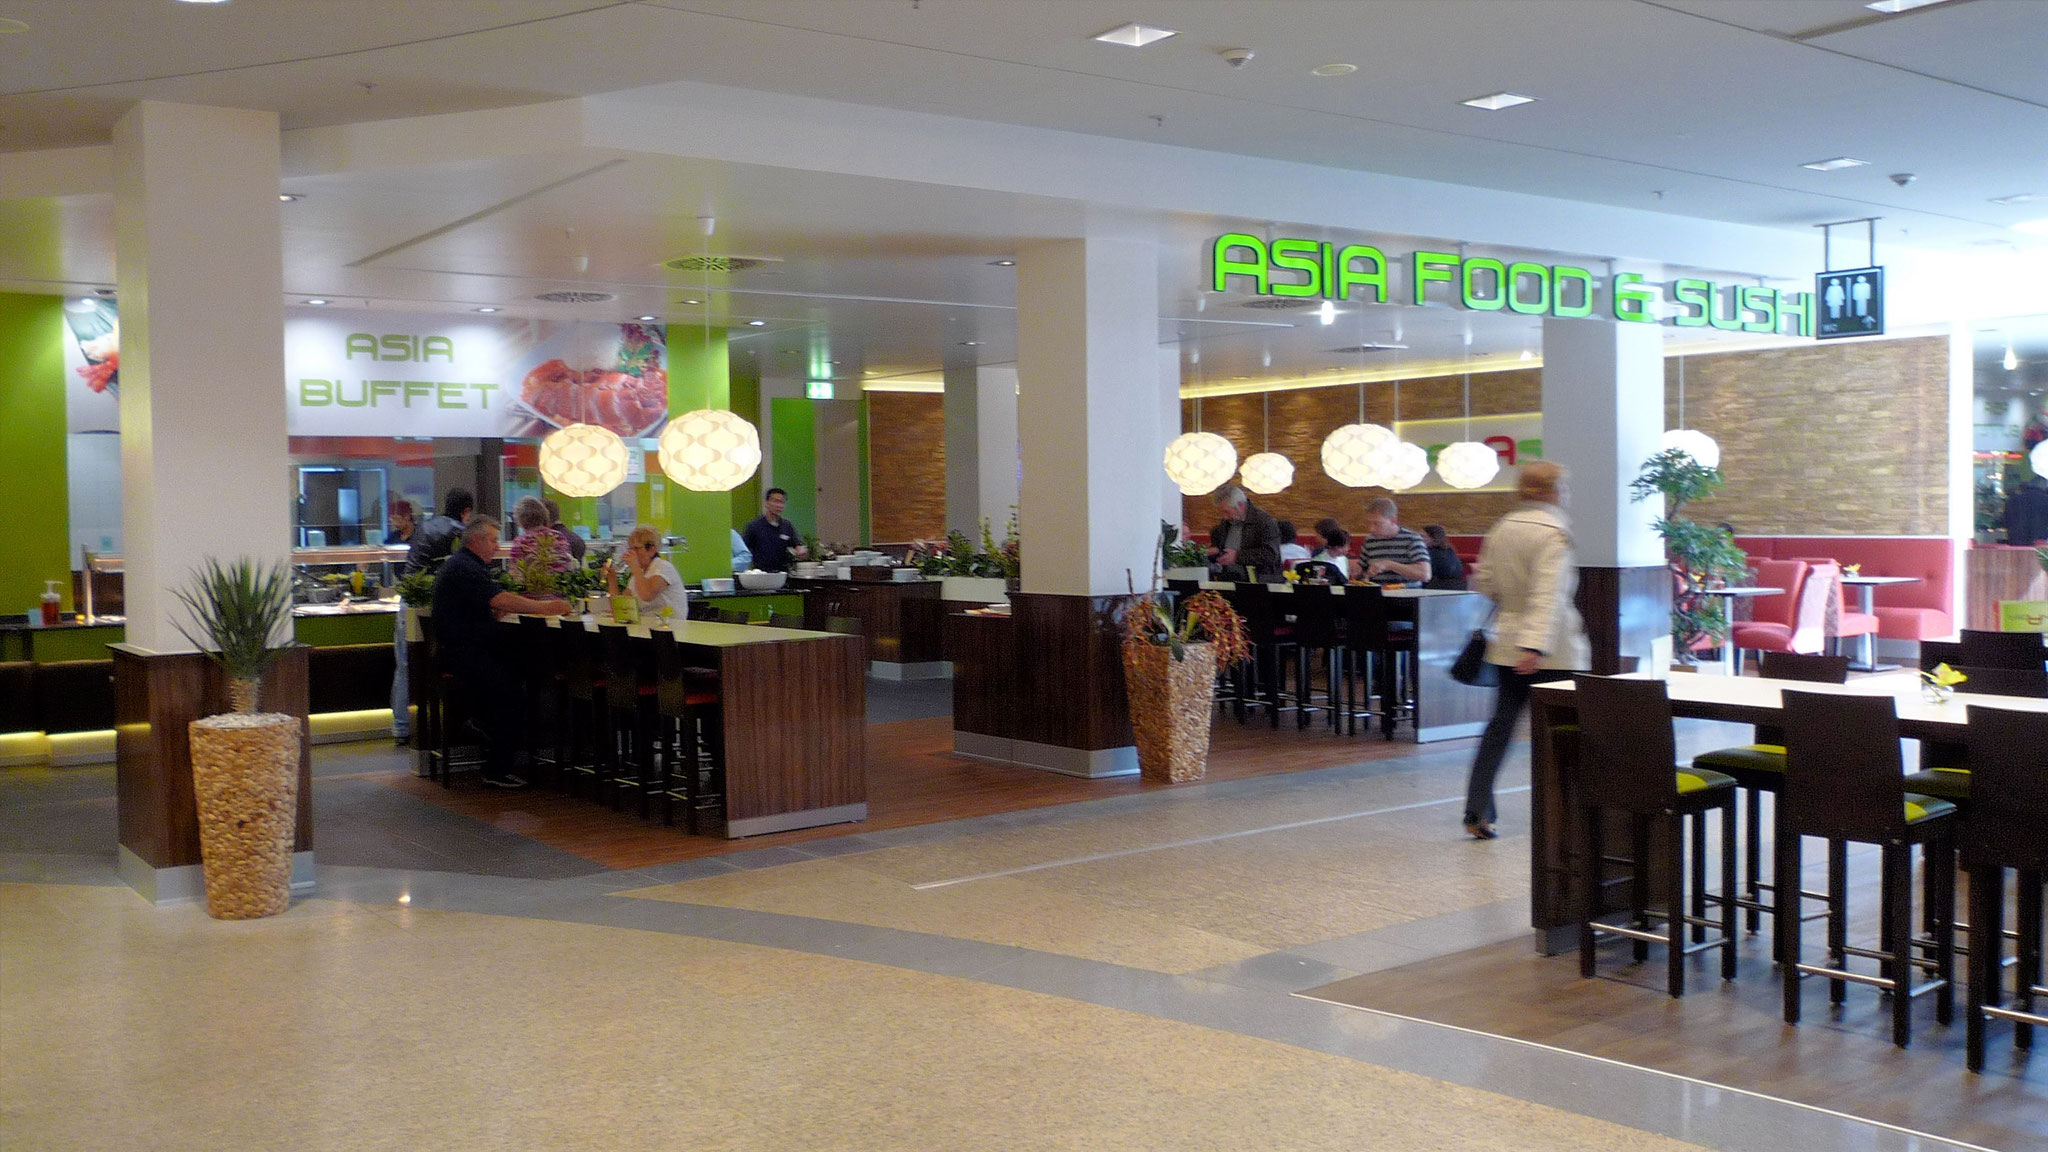 Asia Restaurant, Einkaufszentrum Hamburg: Trockenbau- und Malerarbeiten, Decken und Wände